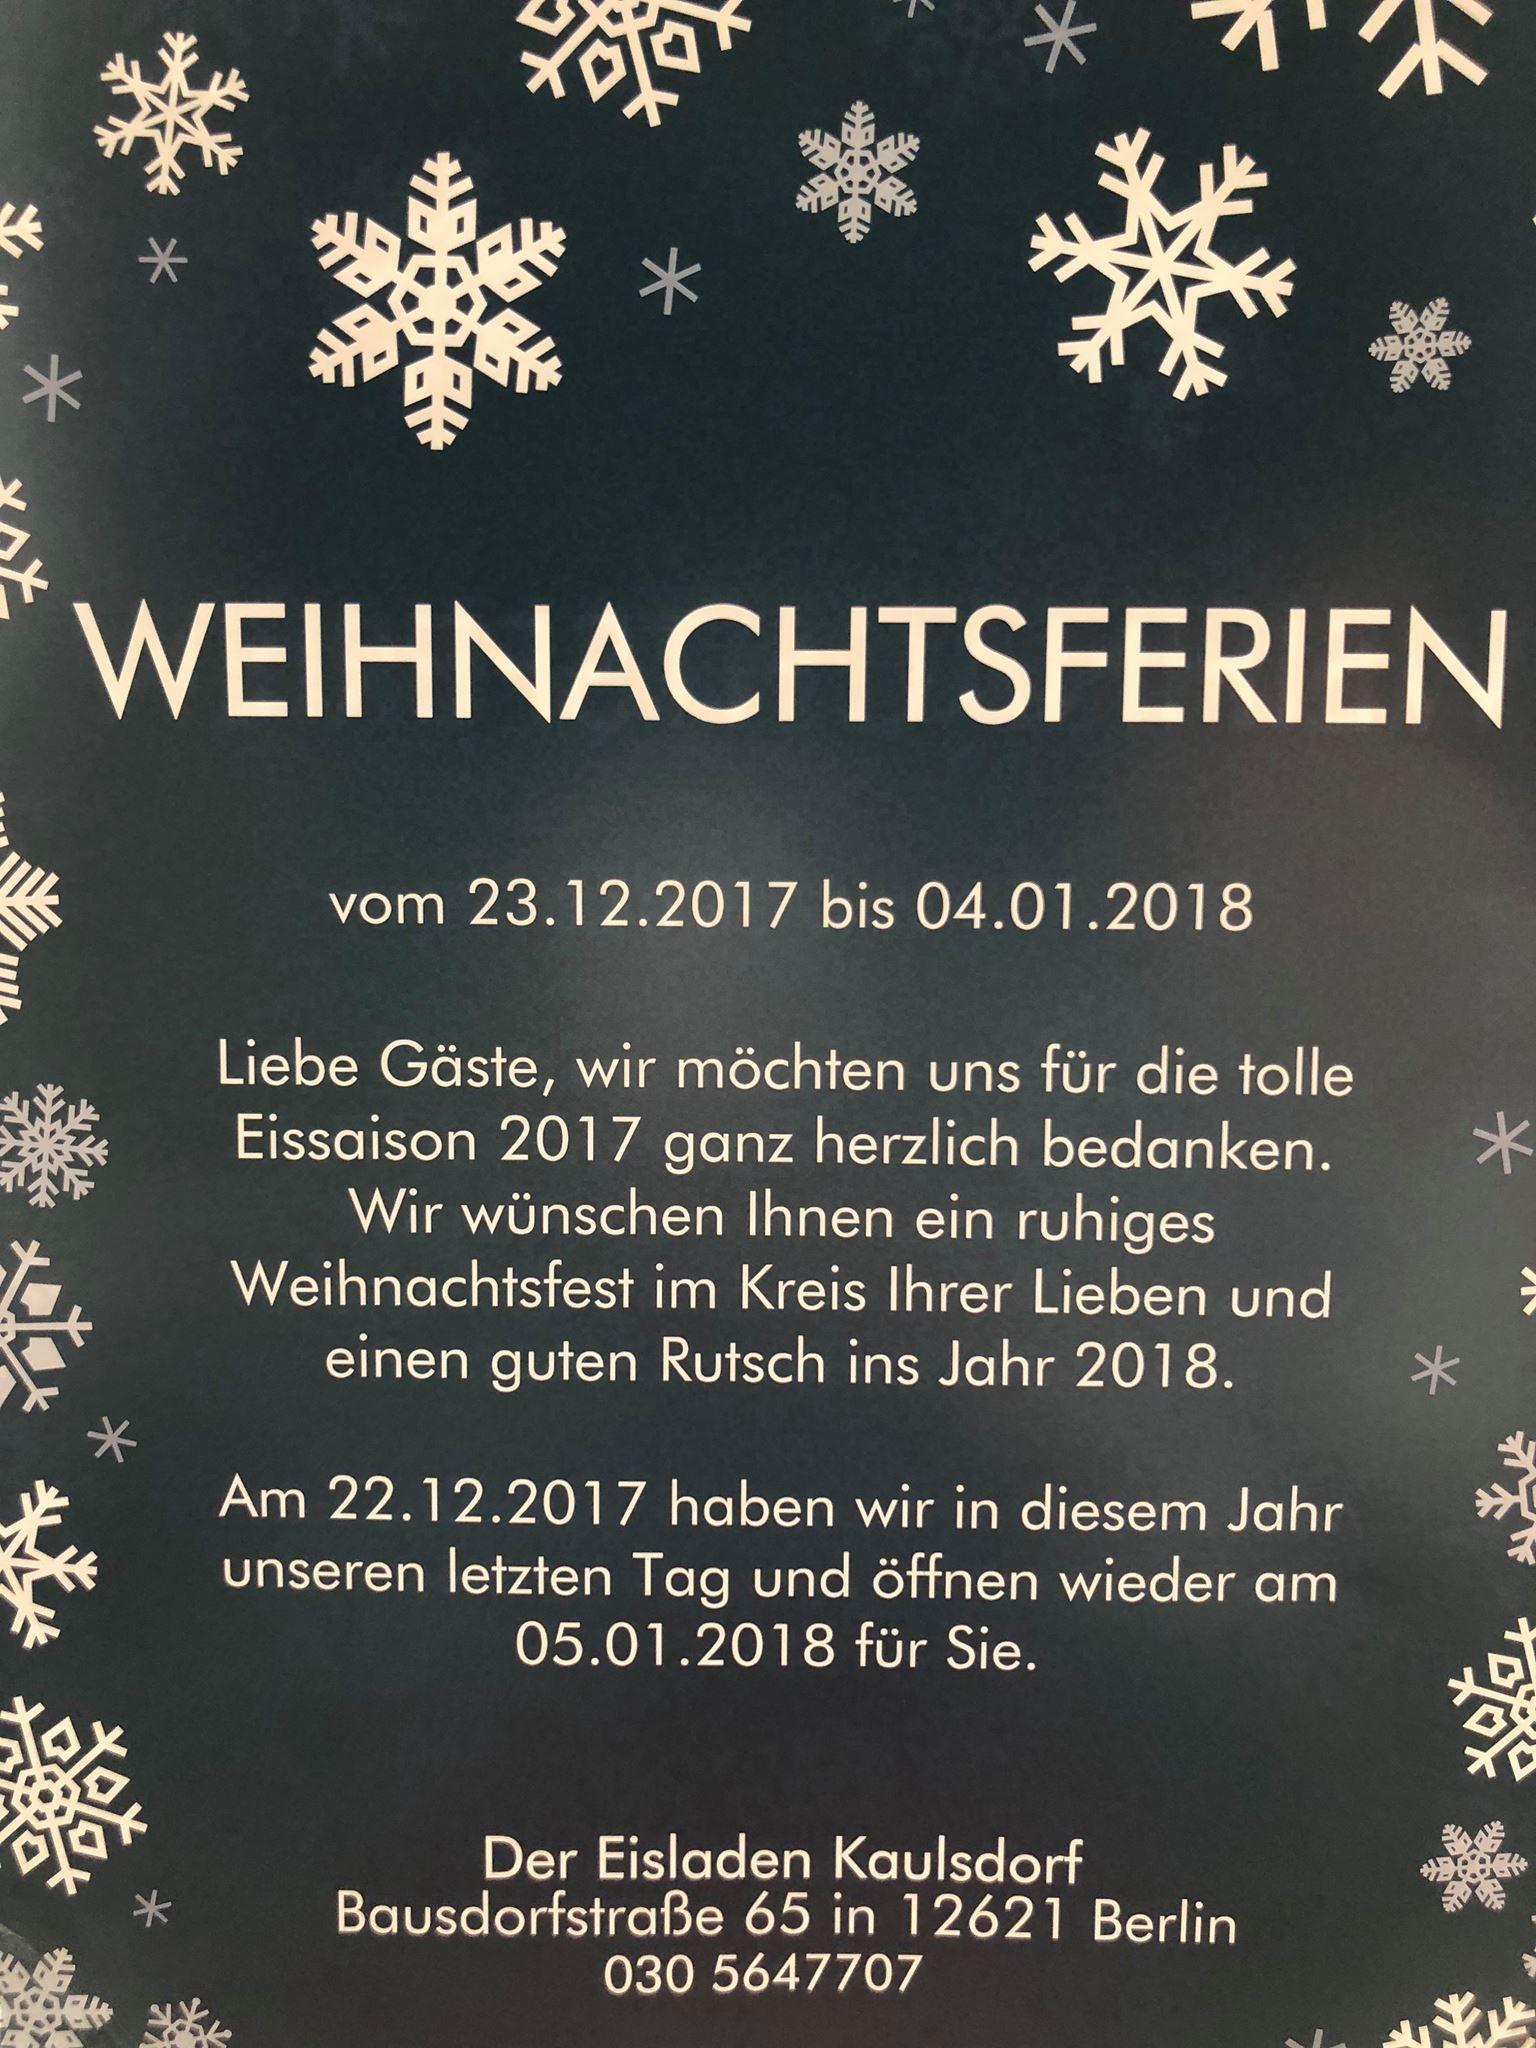 weihnachtsferien berlin